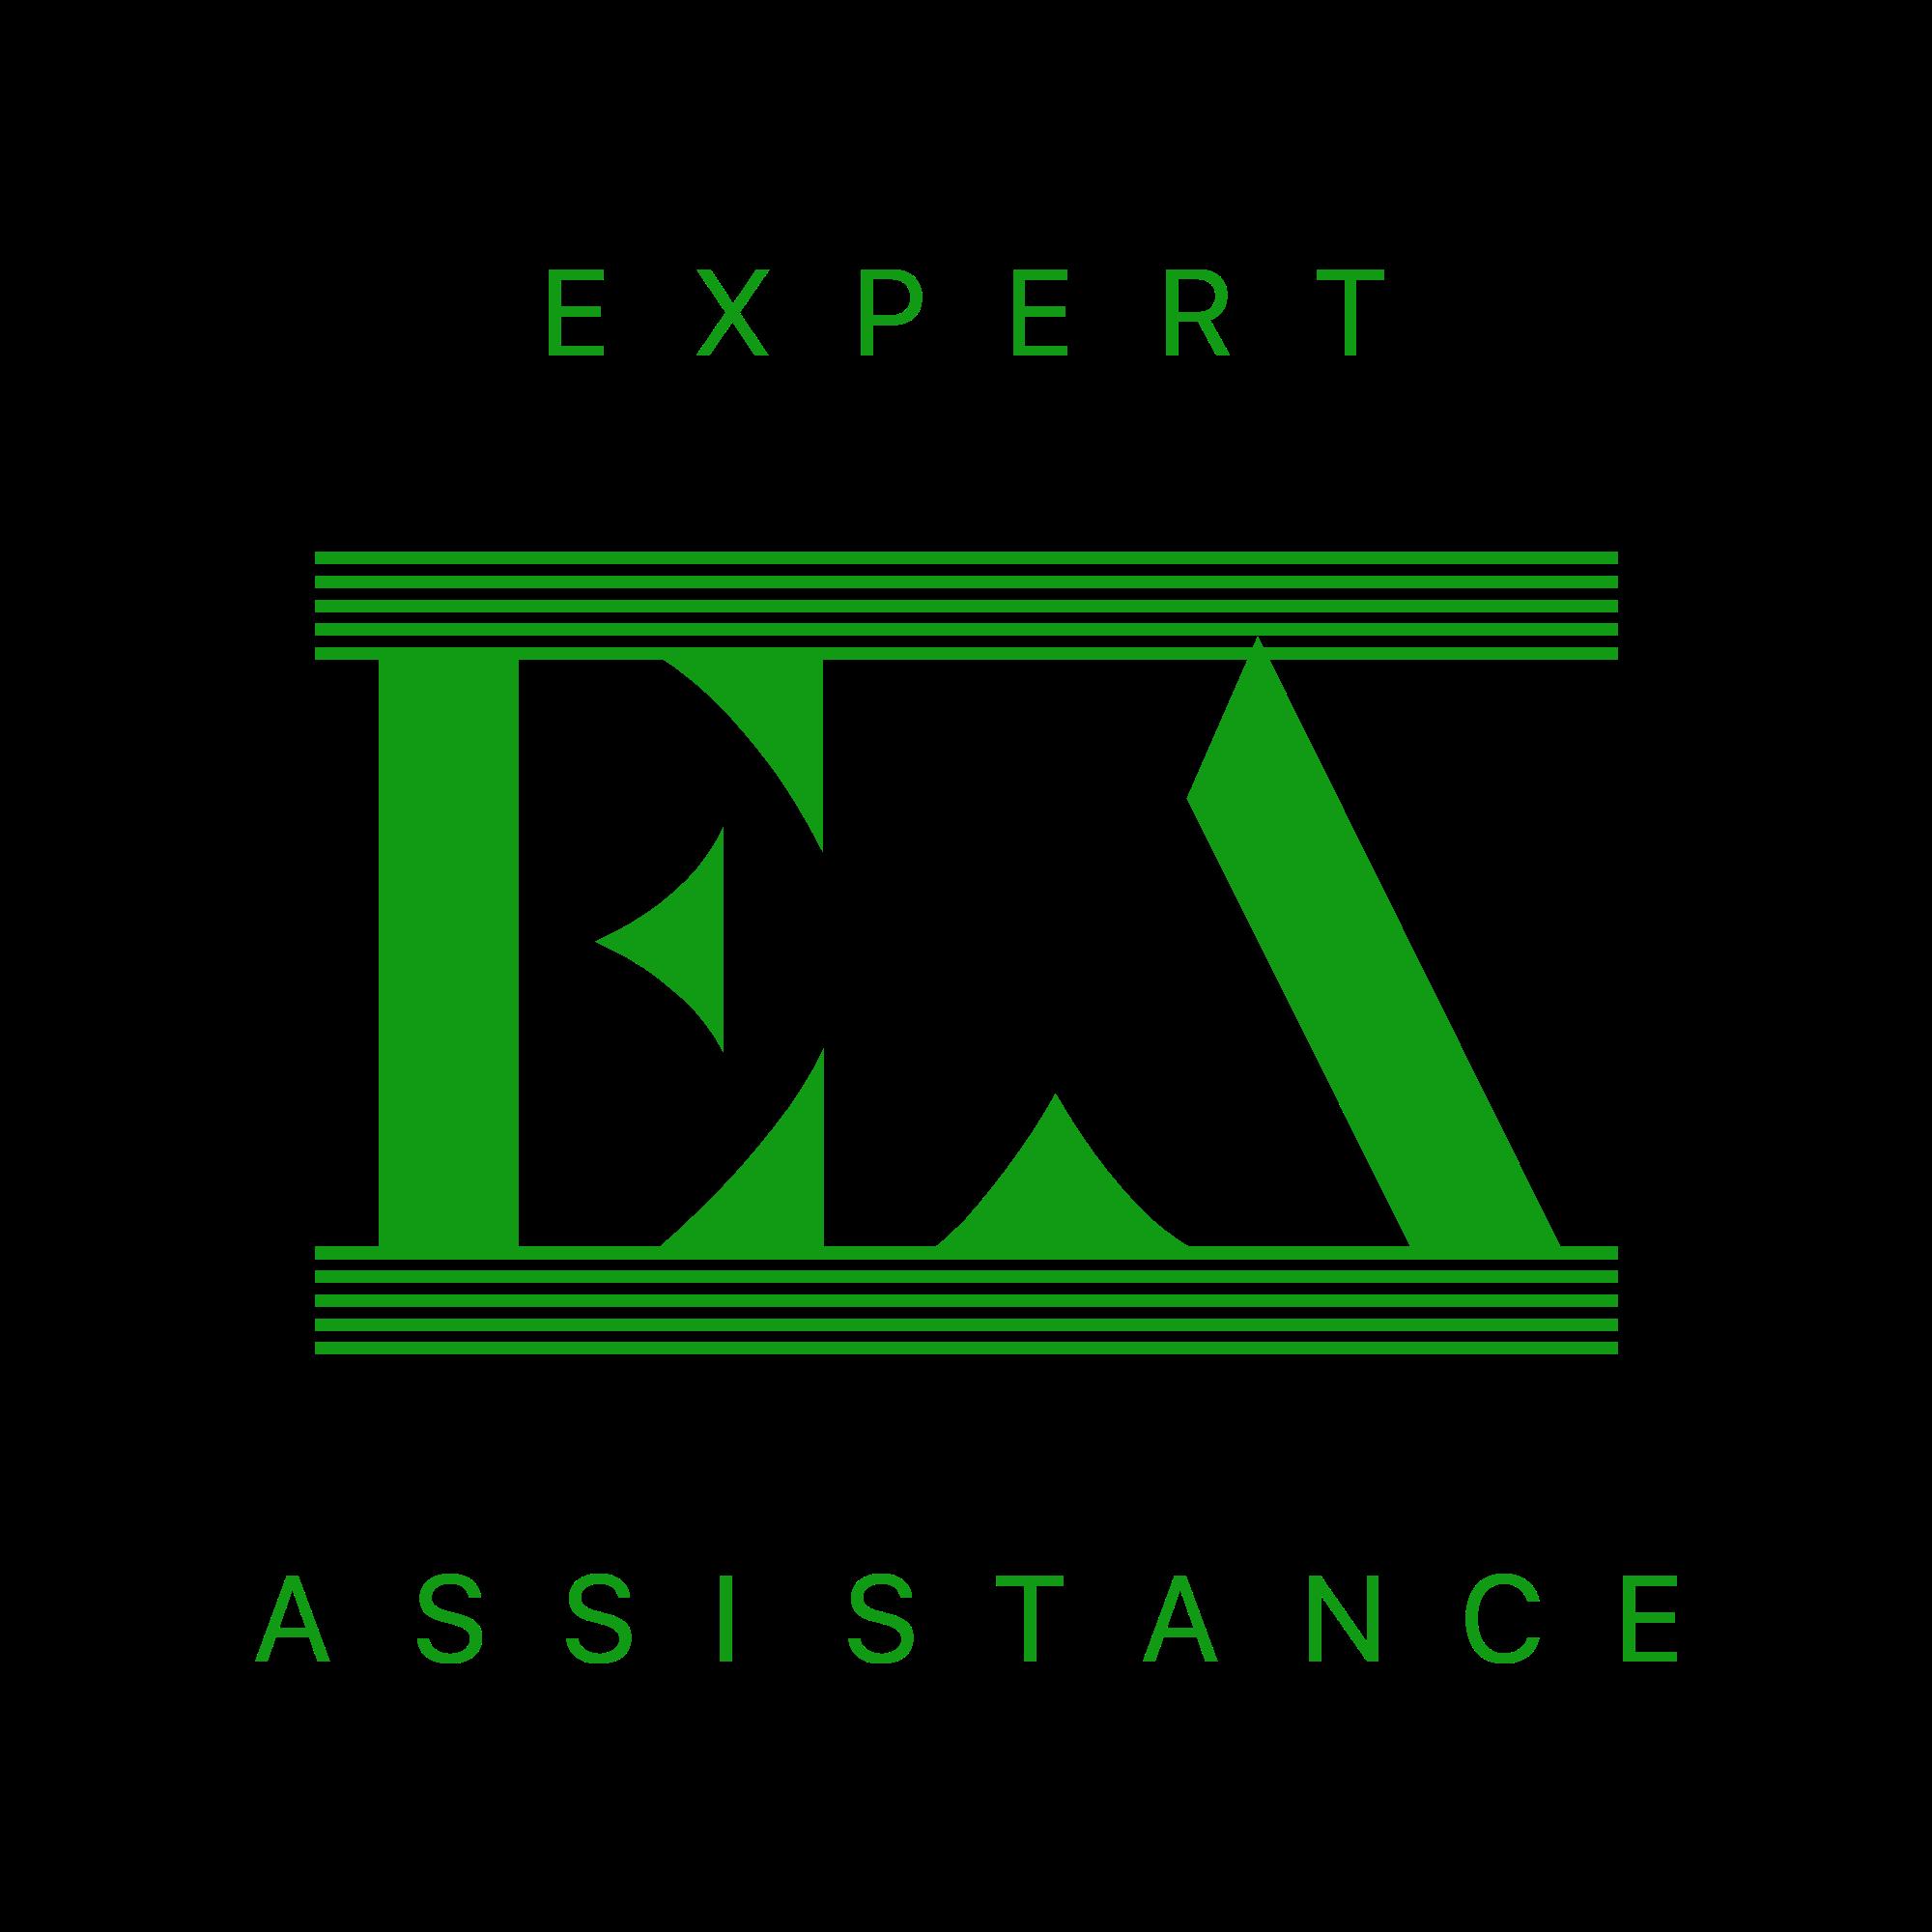 EXPERT ASSISTANCE